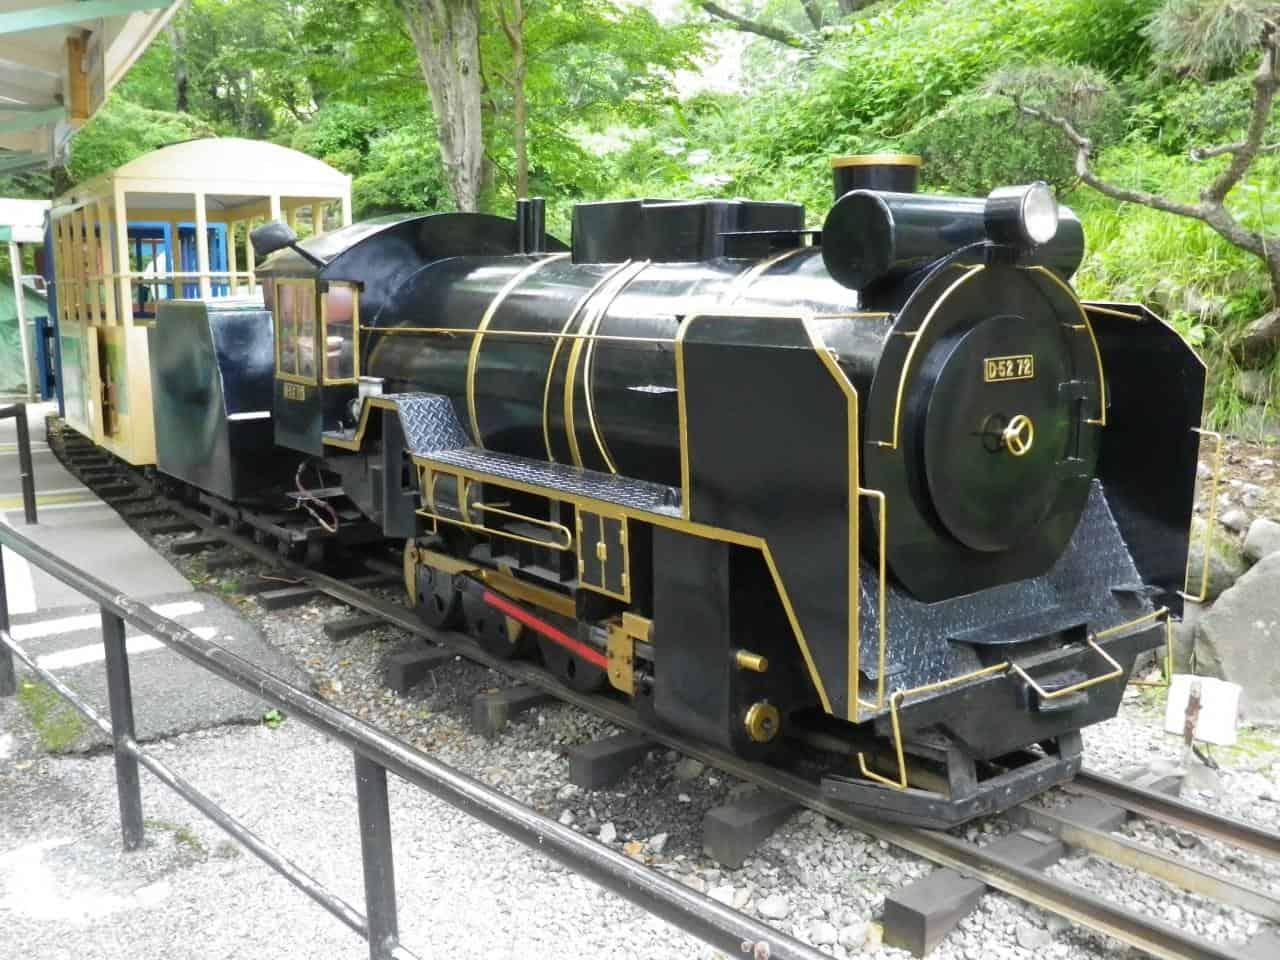 รถไฟที่เป็นเครื่องเล่นในสวนสนุกขนาดย่อมของสวนสาธารณะโอดาวาระโจชิ